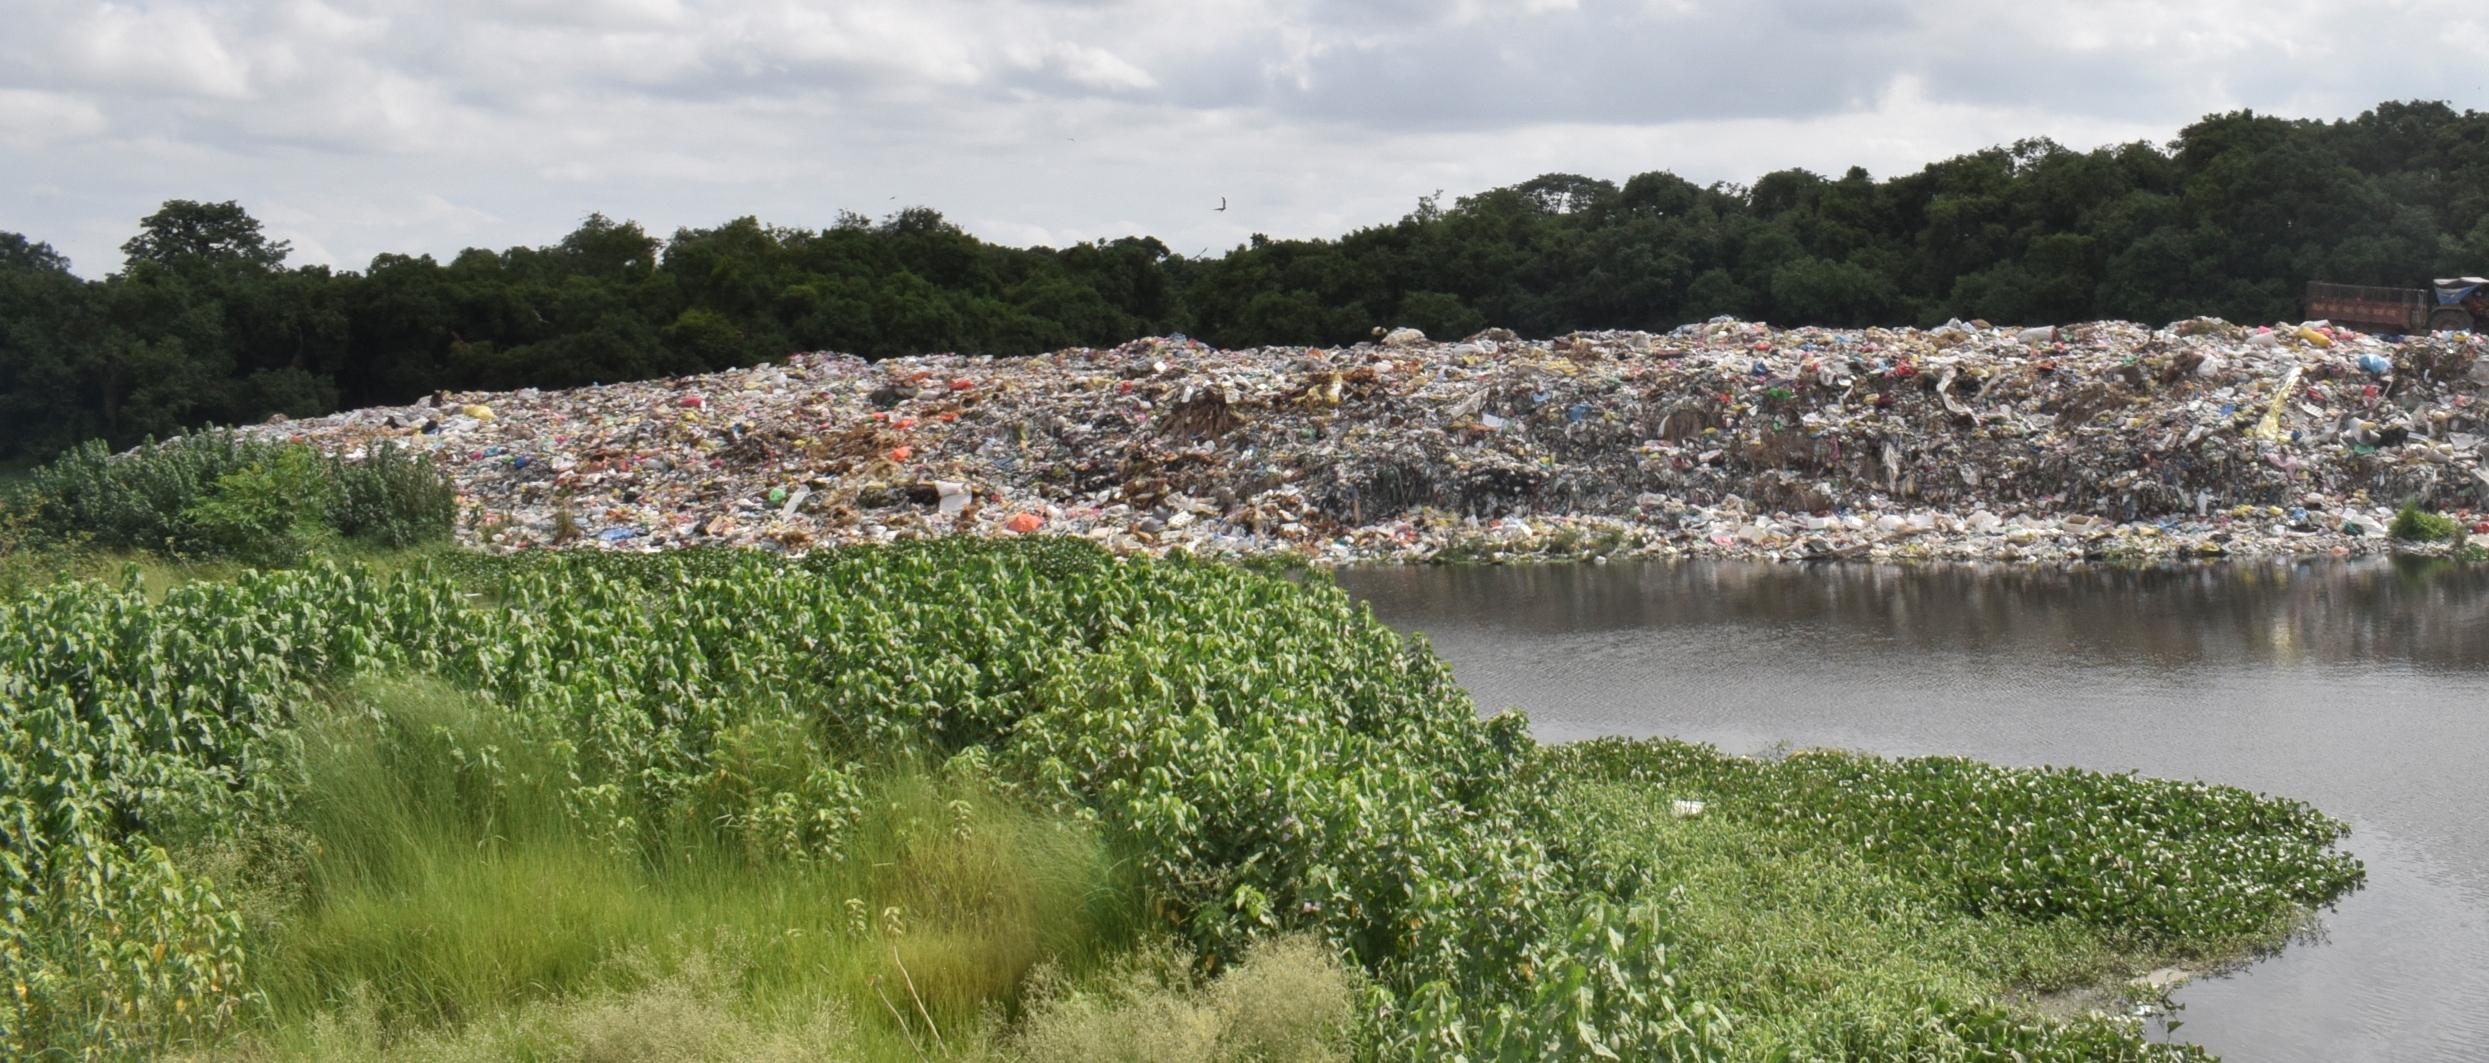 वातावरण प्रदूषणको बेवास्ता गर्दै नदी छेउमा फोहोर डम्प